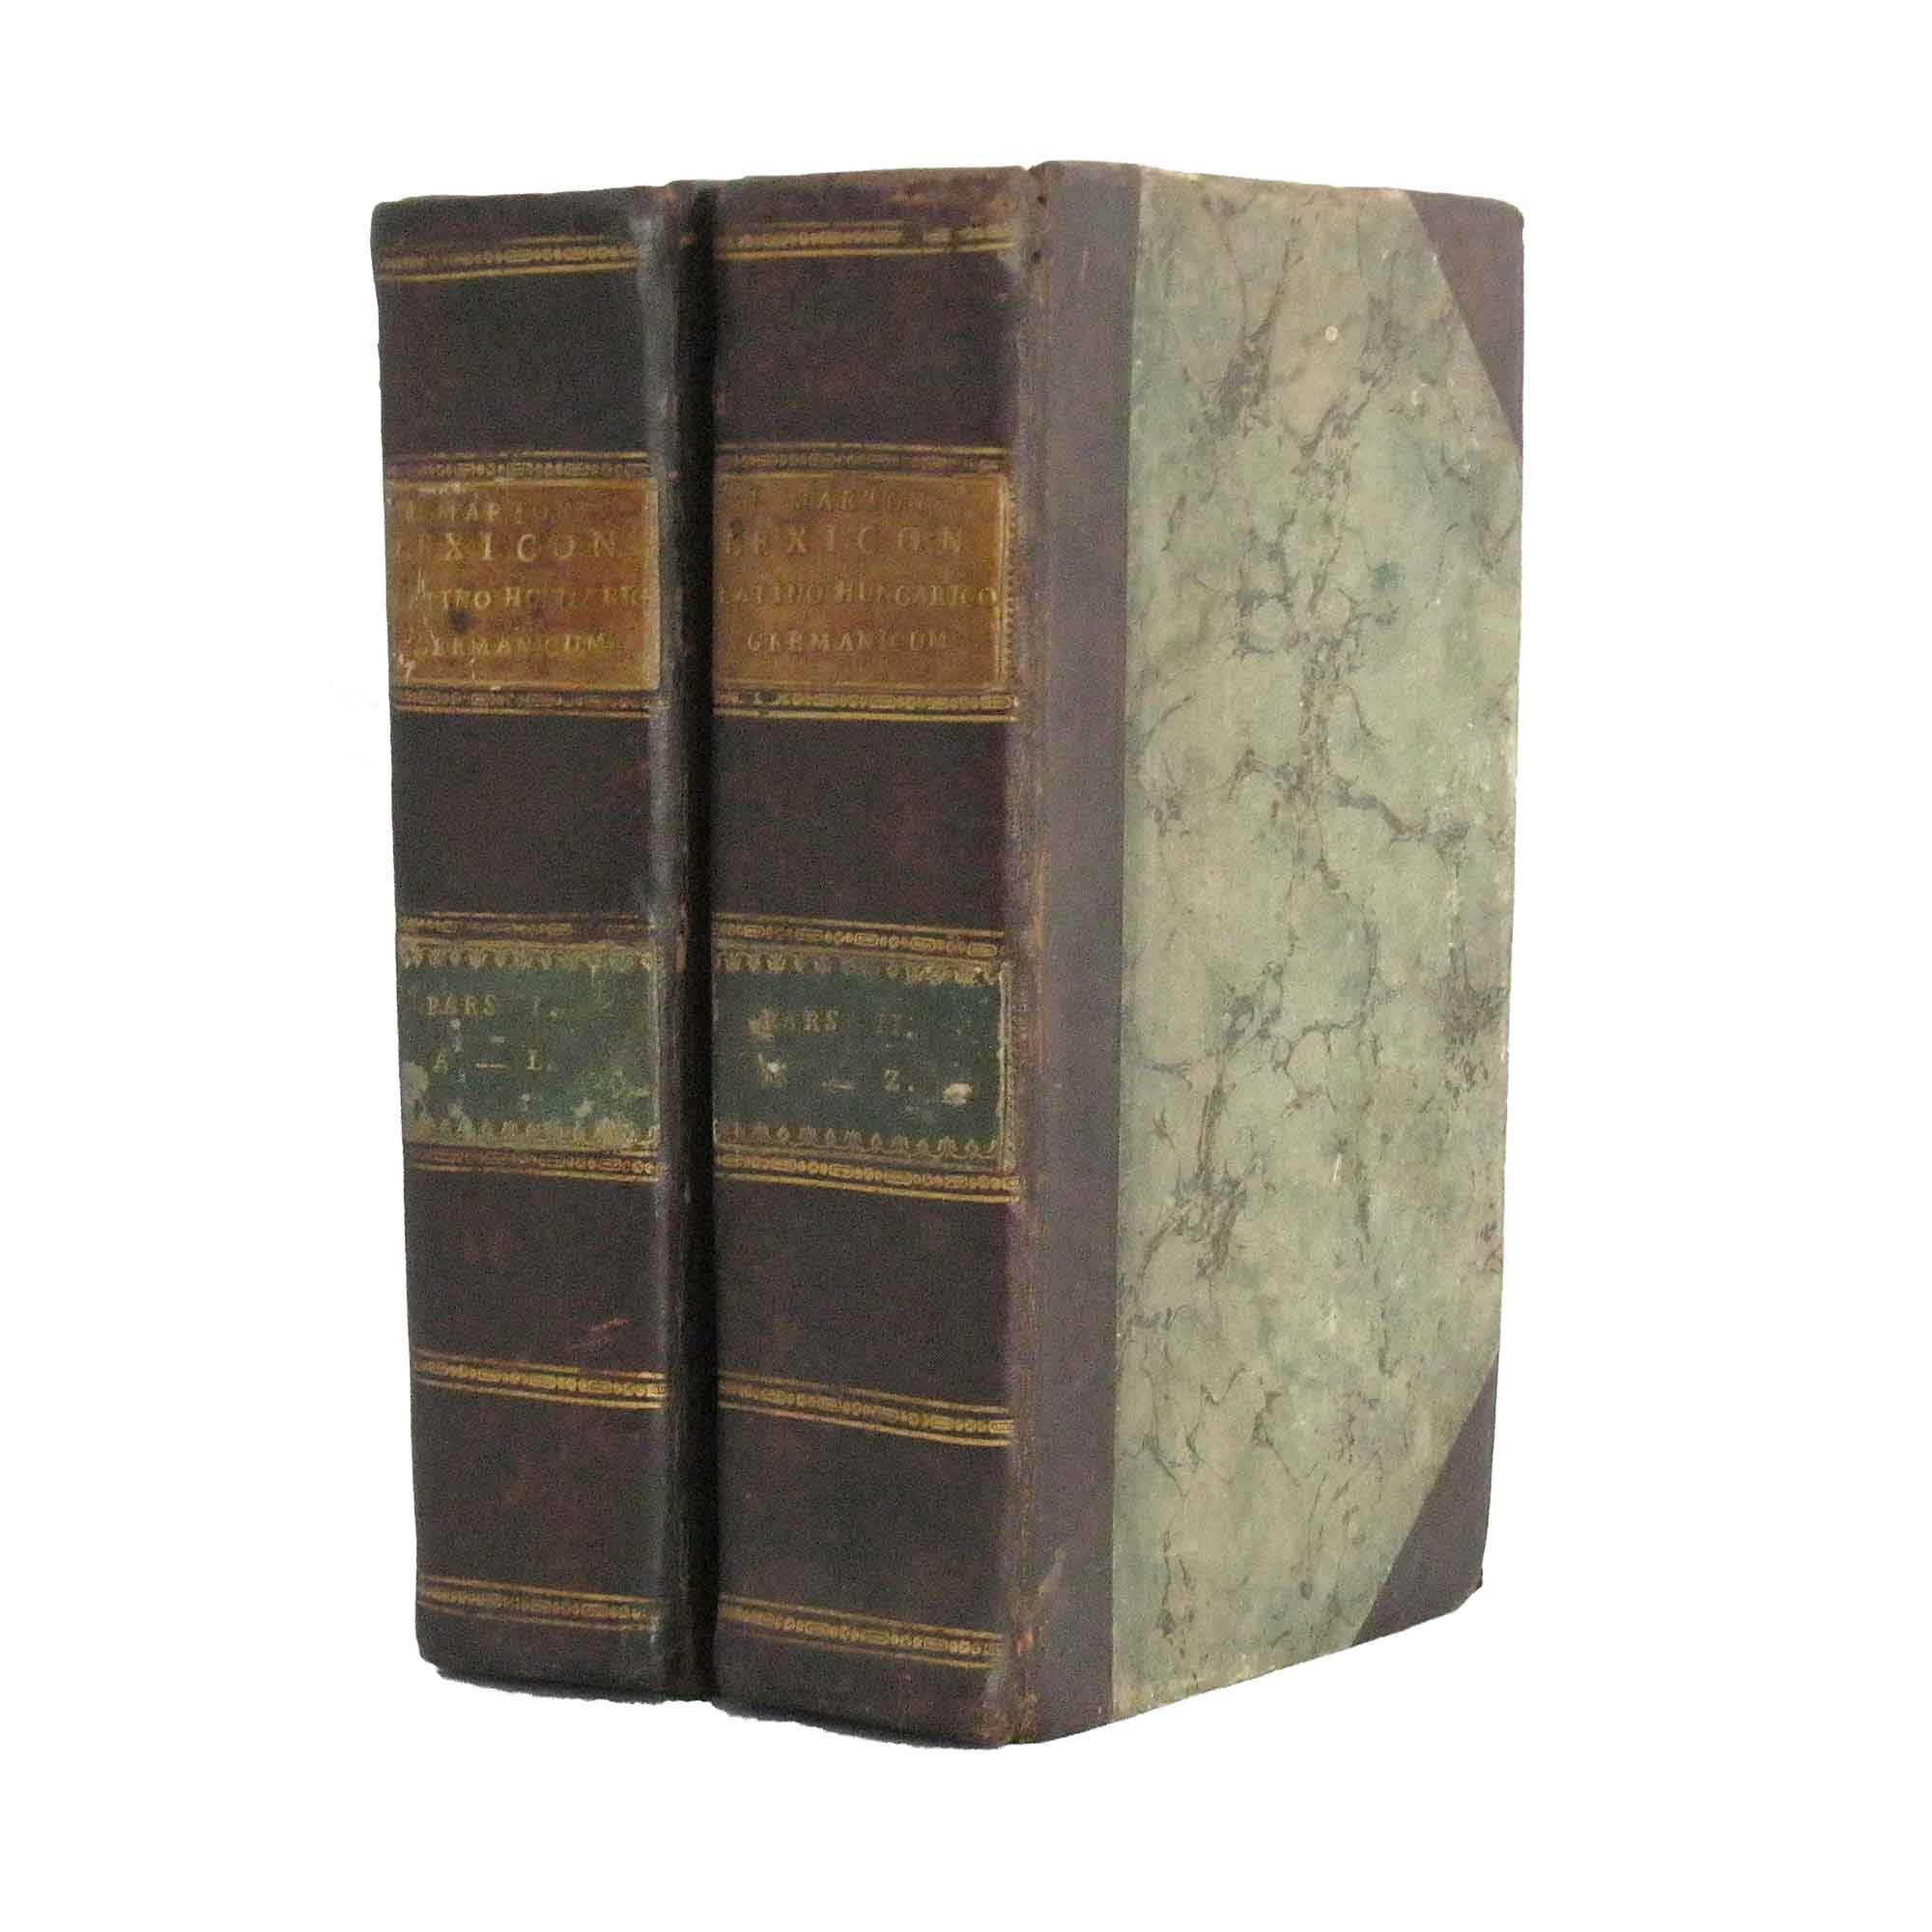 1326-Marton-Lexicon-Trilingve-1818-Einband-frei-N.jpg